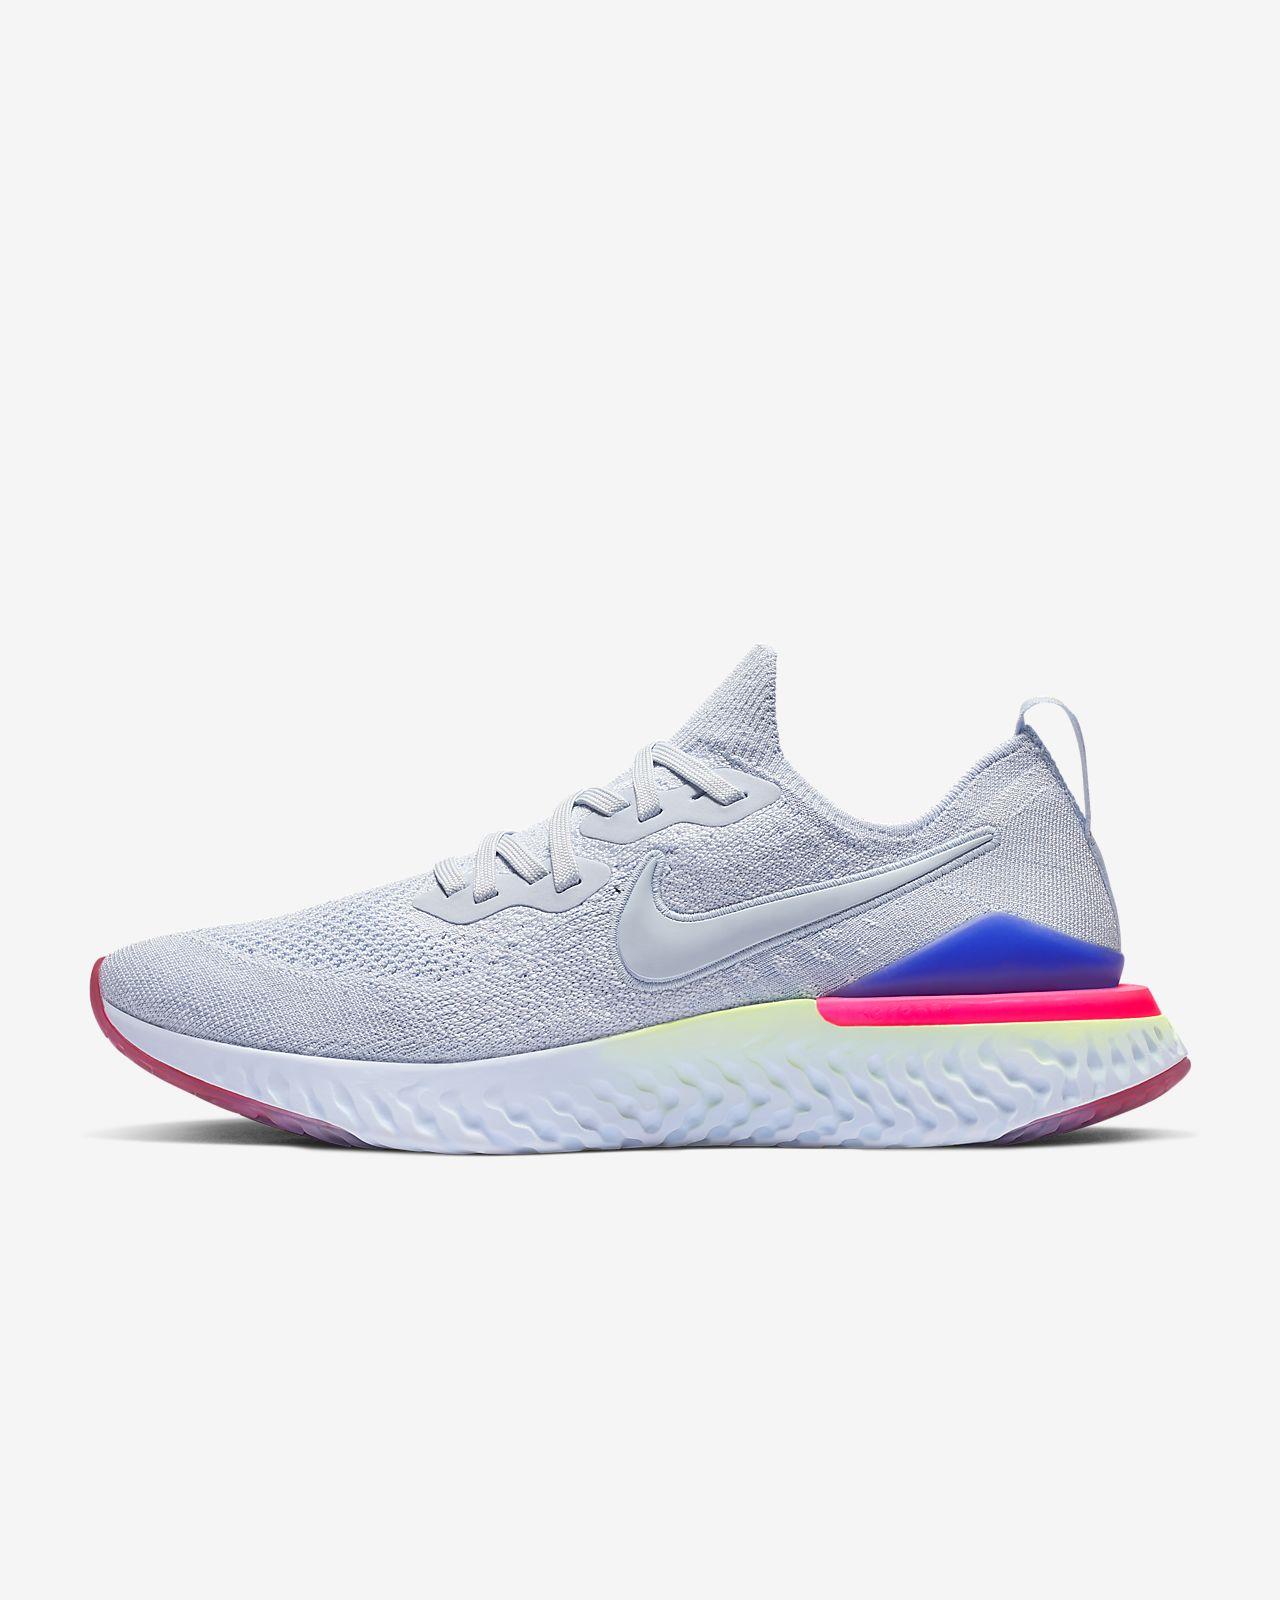 a9cf1e46cc5a Nike Epic React Flyknit 2 Men's Running Shoe. Nike.com NL